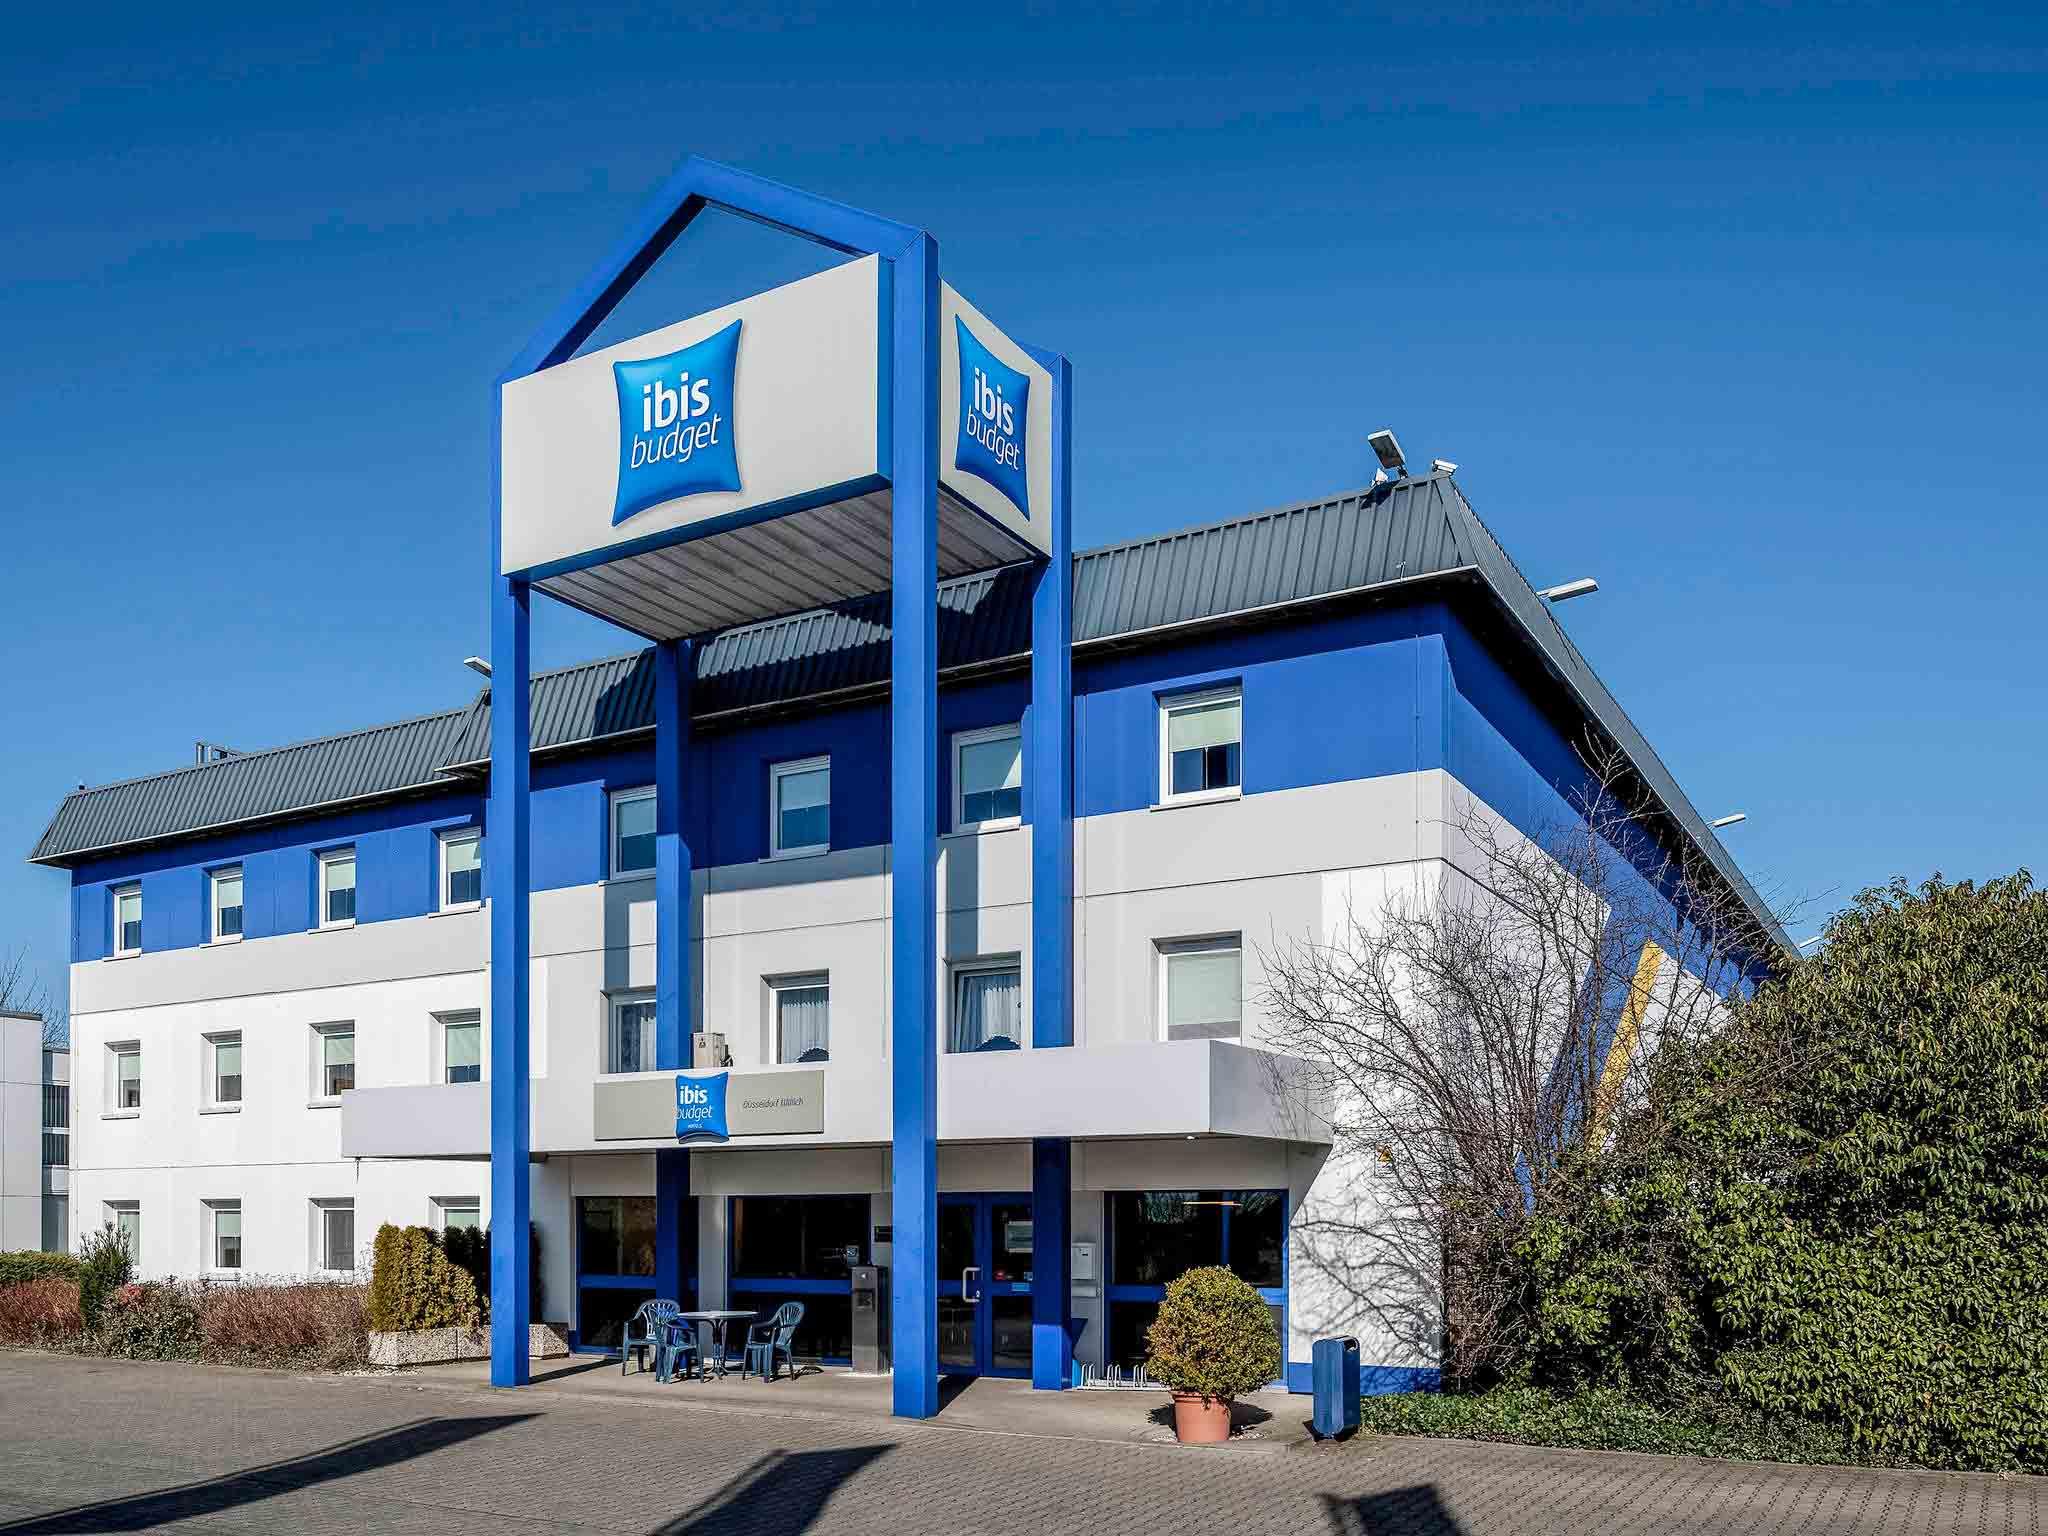 Hotel - ibis budget Duesseldorf Willich